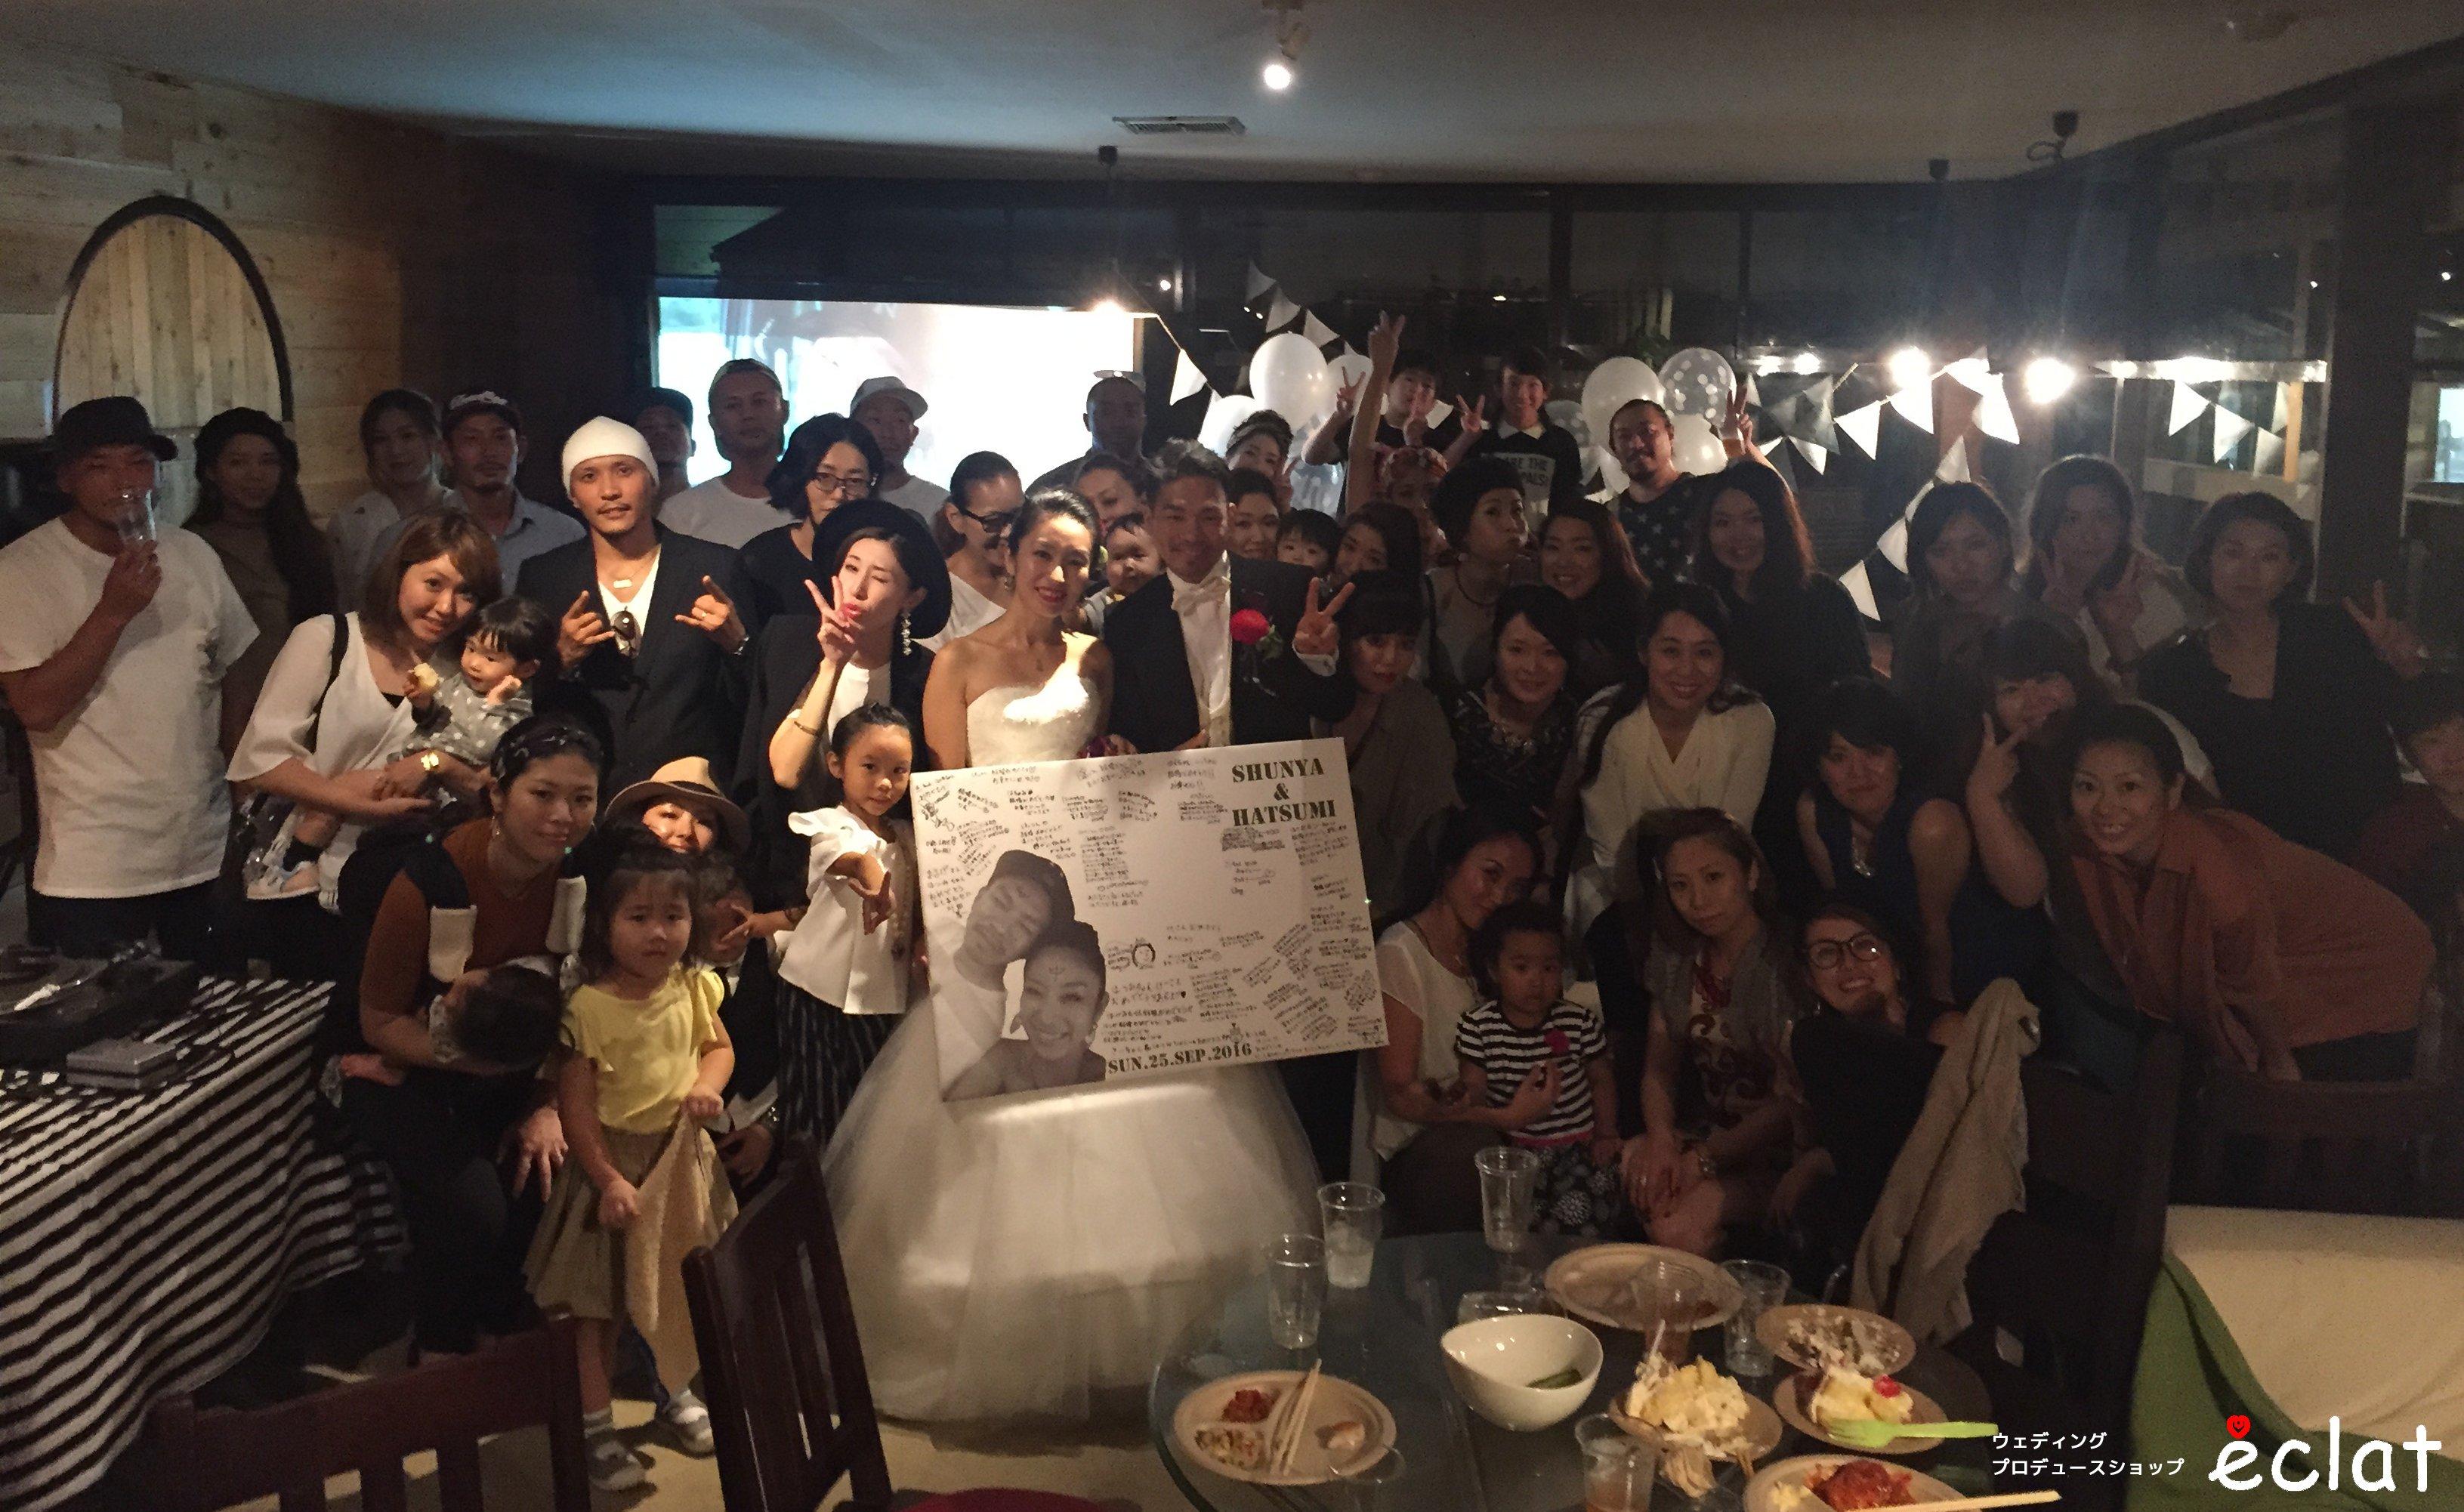 水戸 サプライズ 結婚式 ウェディング パーティー 友人 エクラ